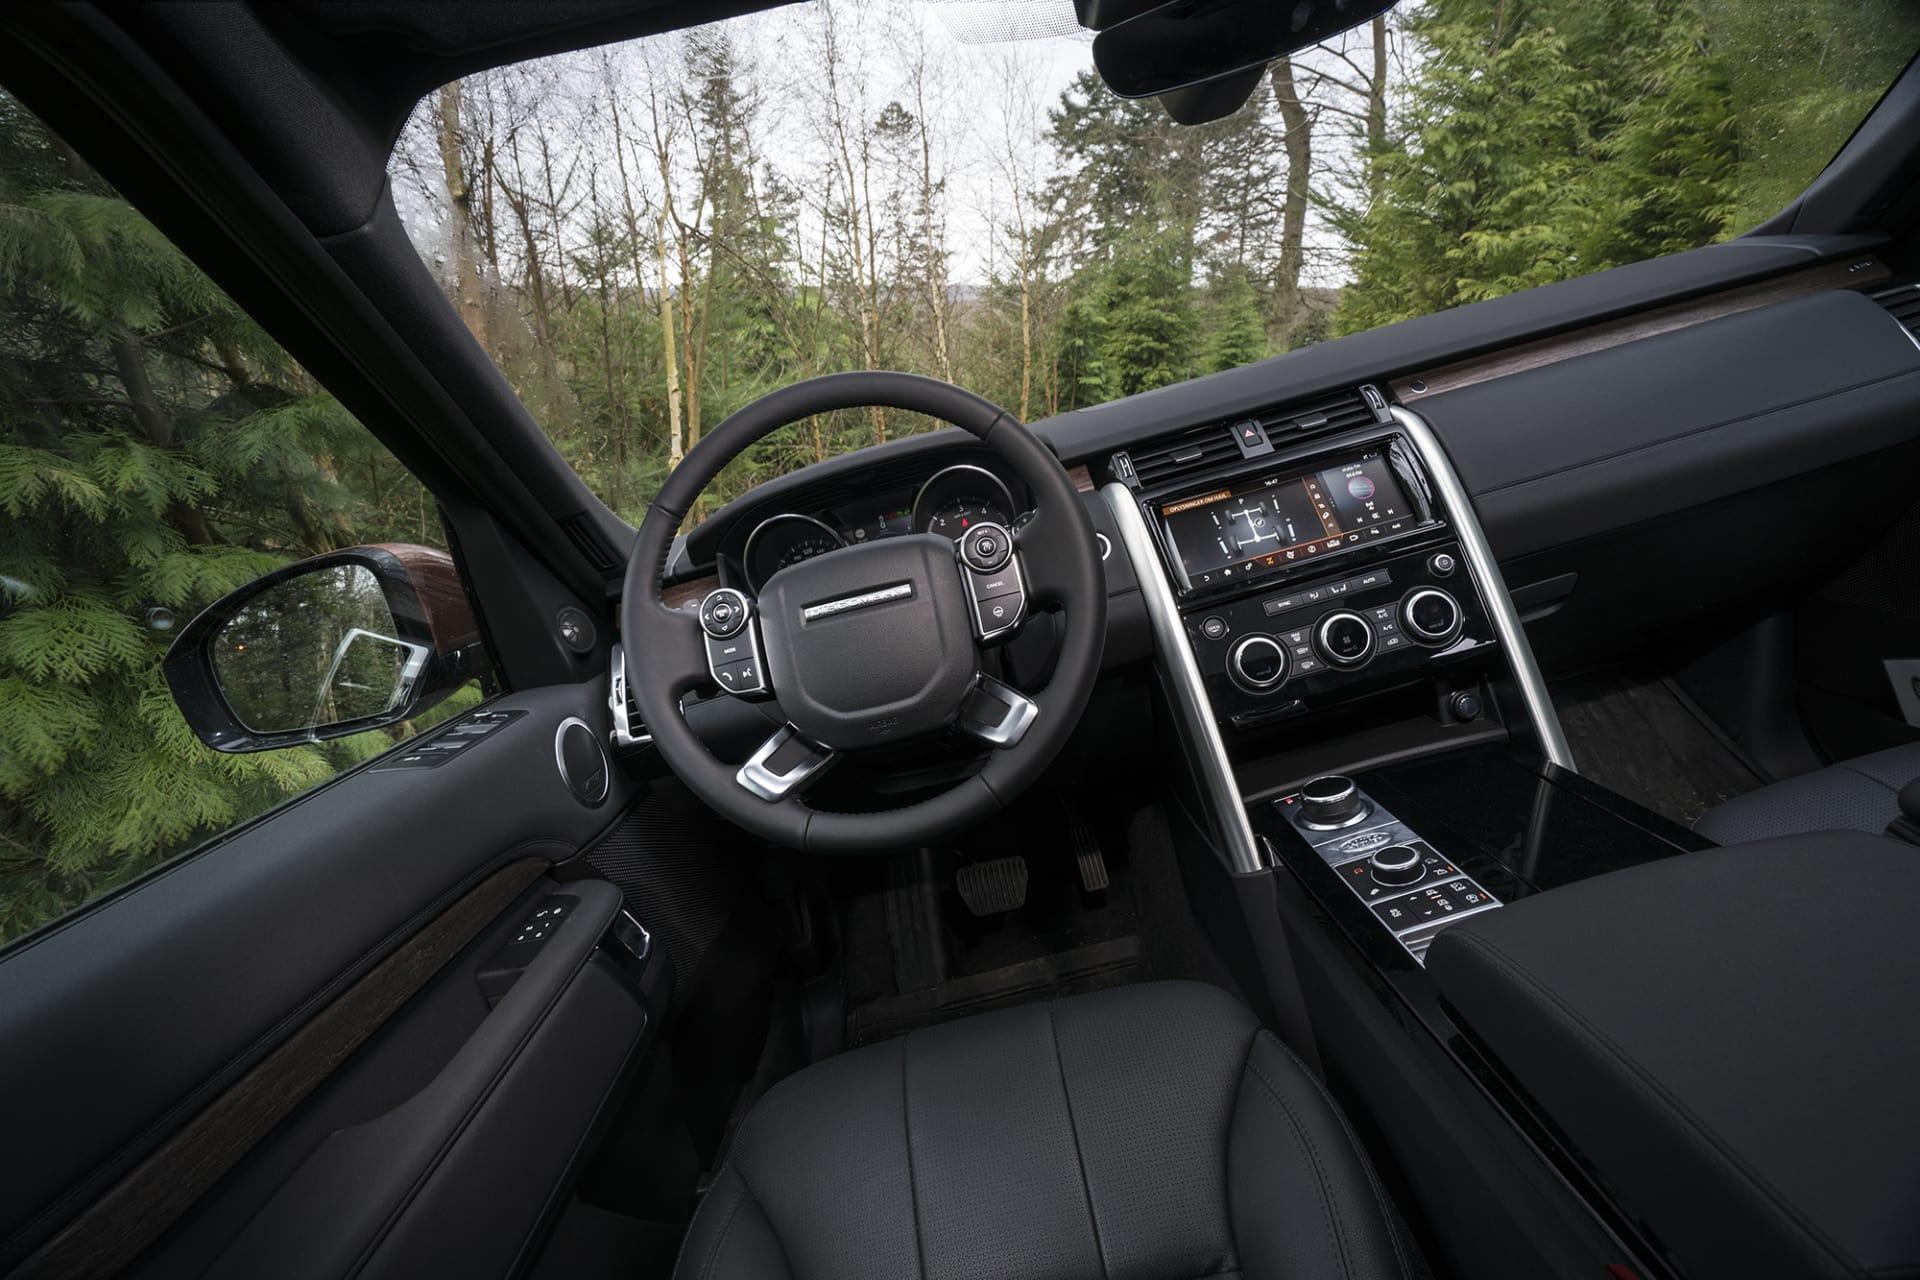 Få bilar klarar sig bättre i skog och terräng än Land Rover Discovery 5.